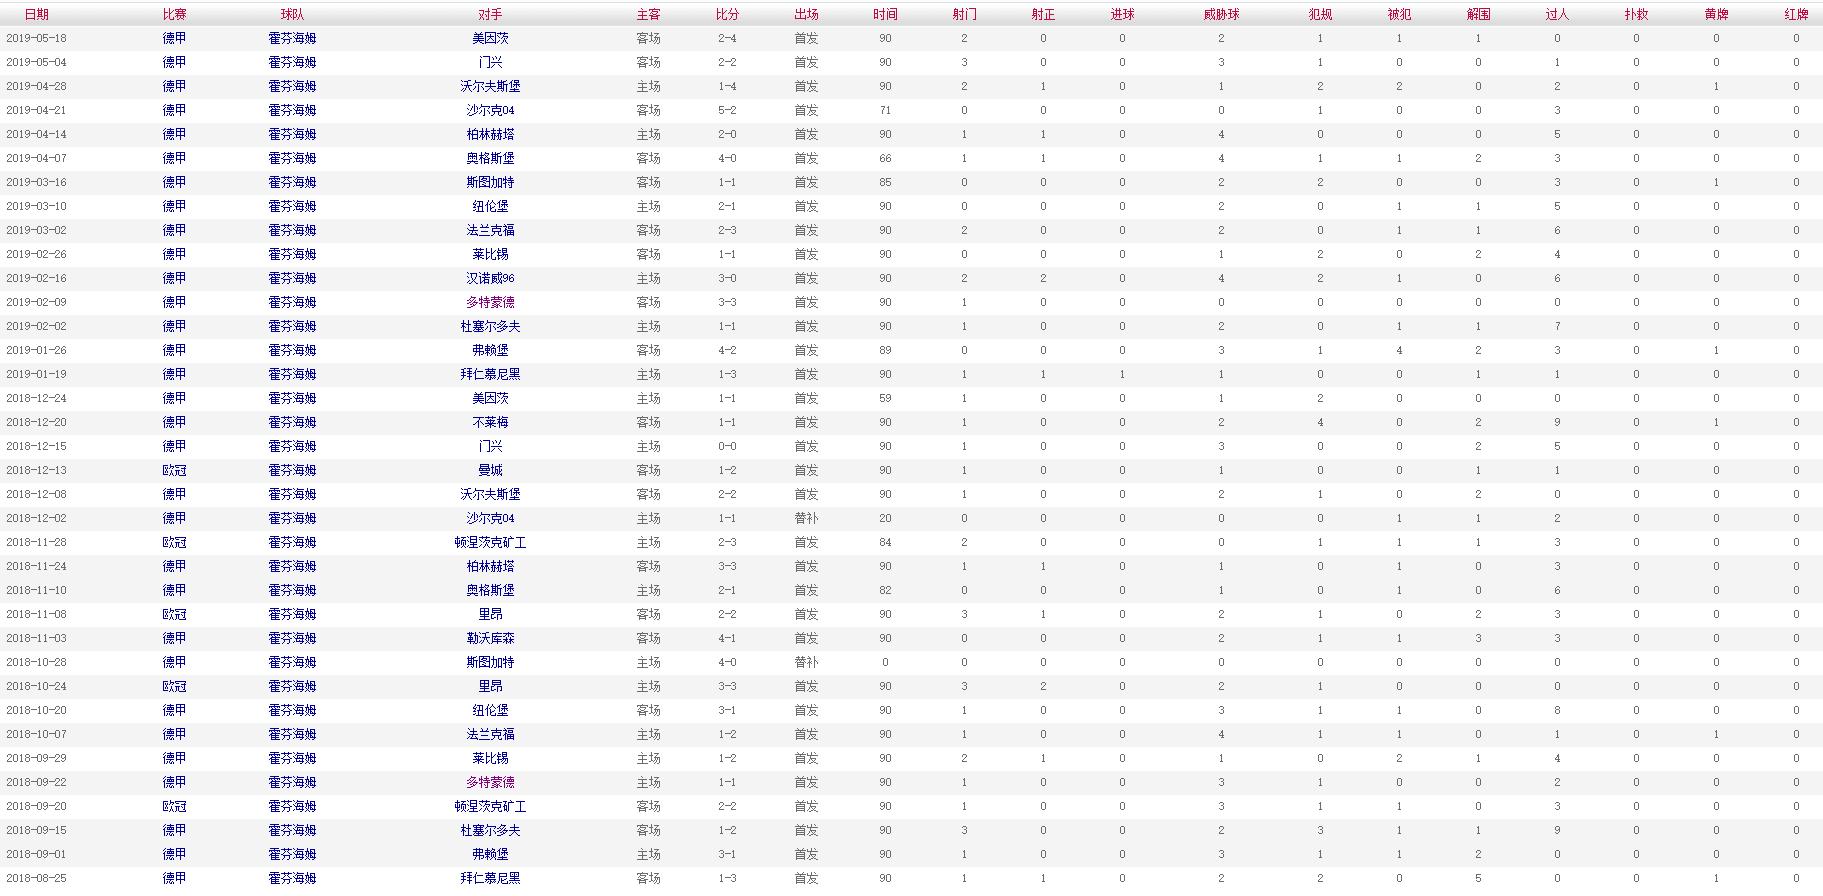 舒尔茨 2018-2019赛季比赛数据